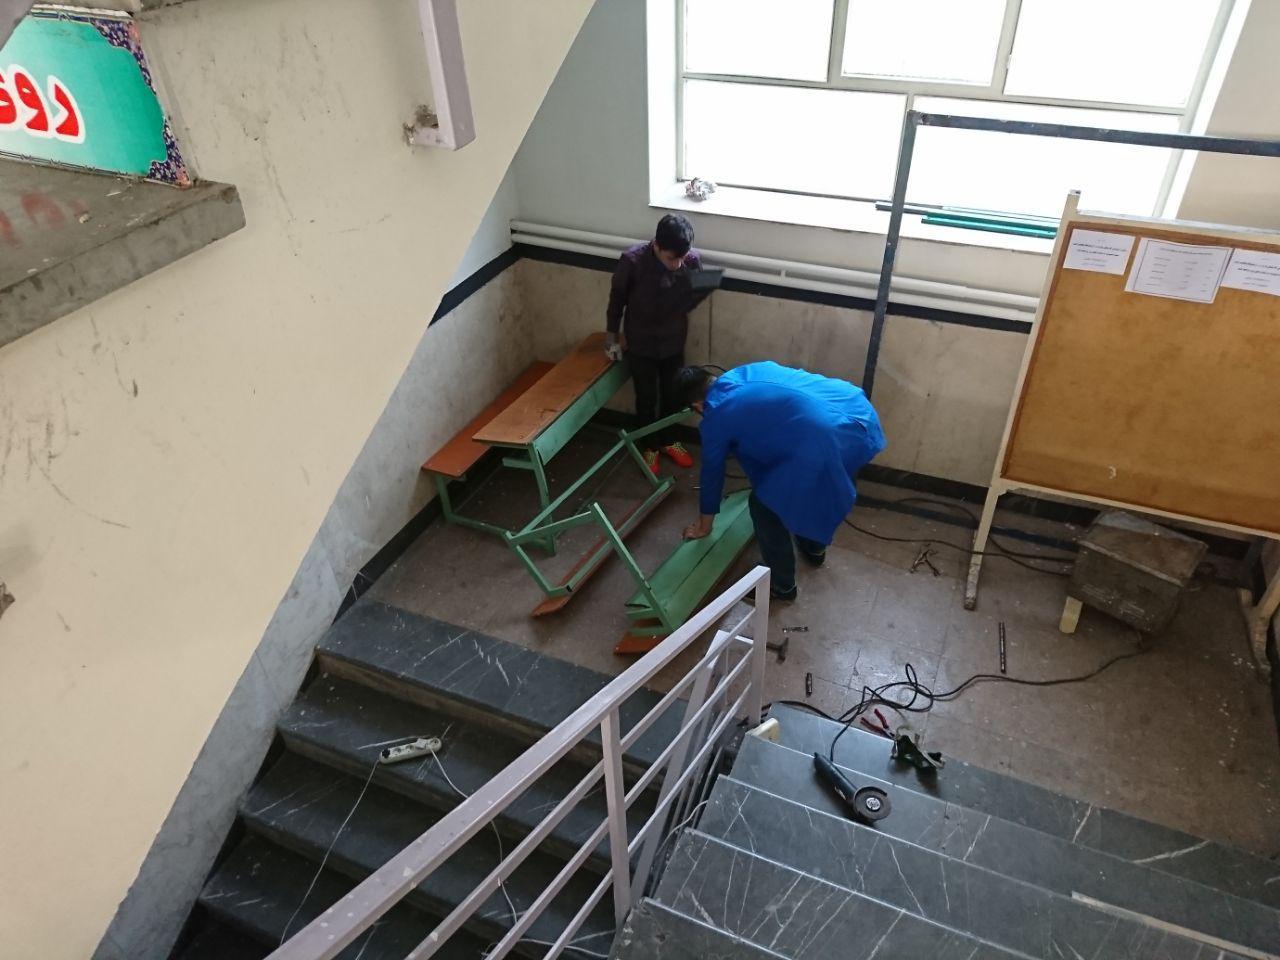 نیمکت های مستعمل دبیرستان تعمیر شد.